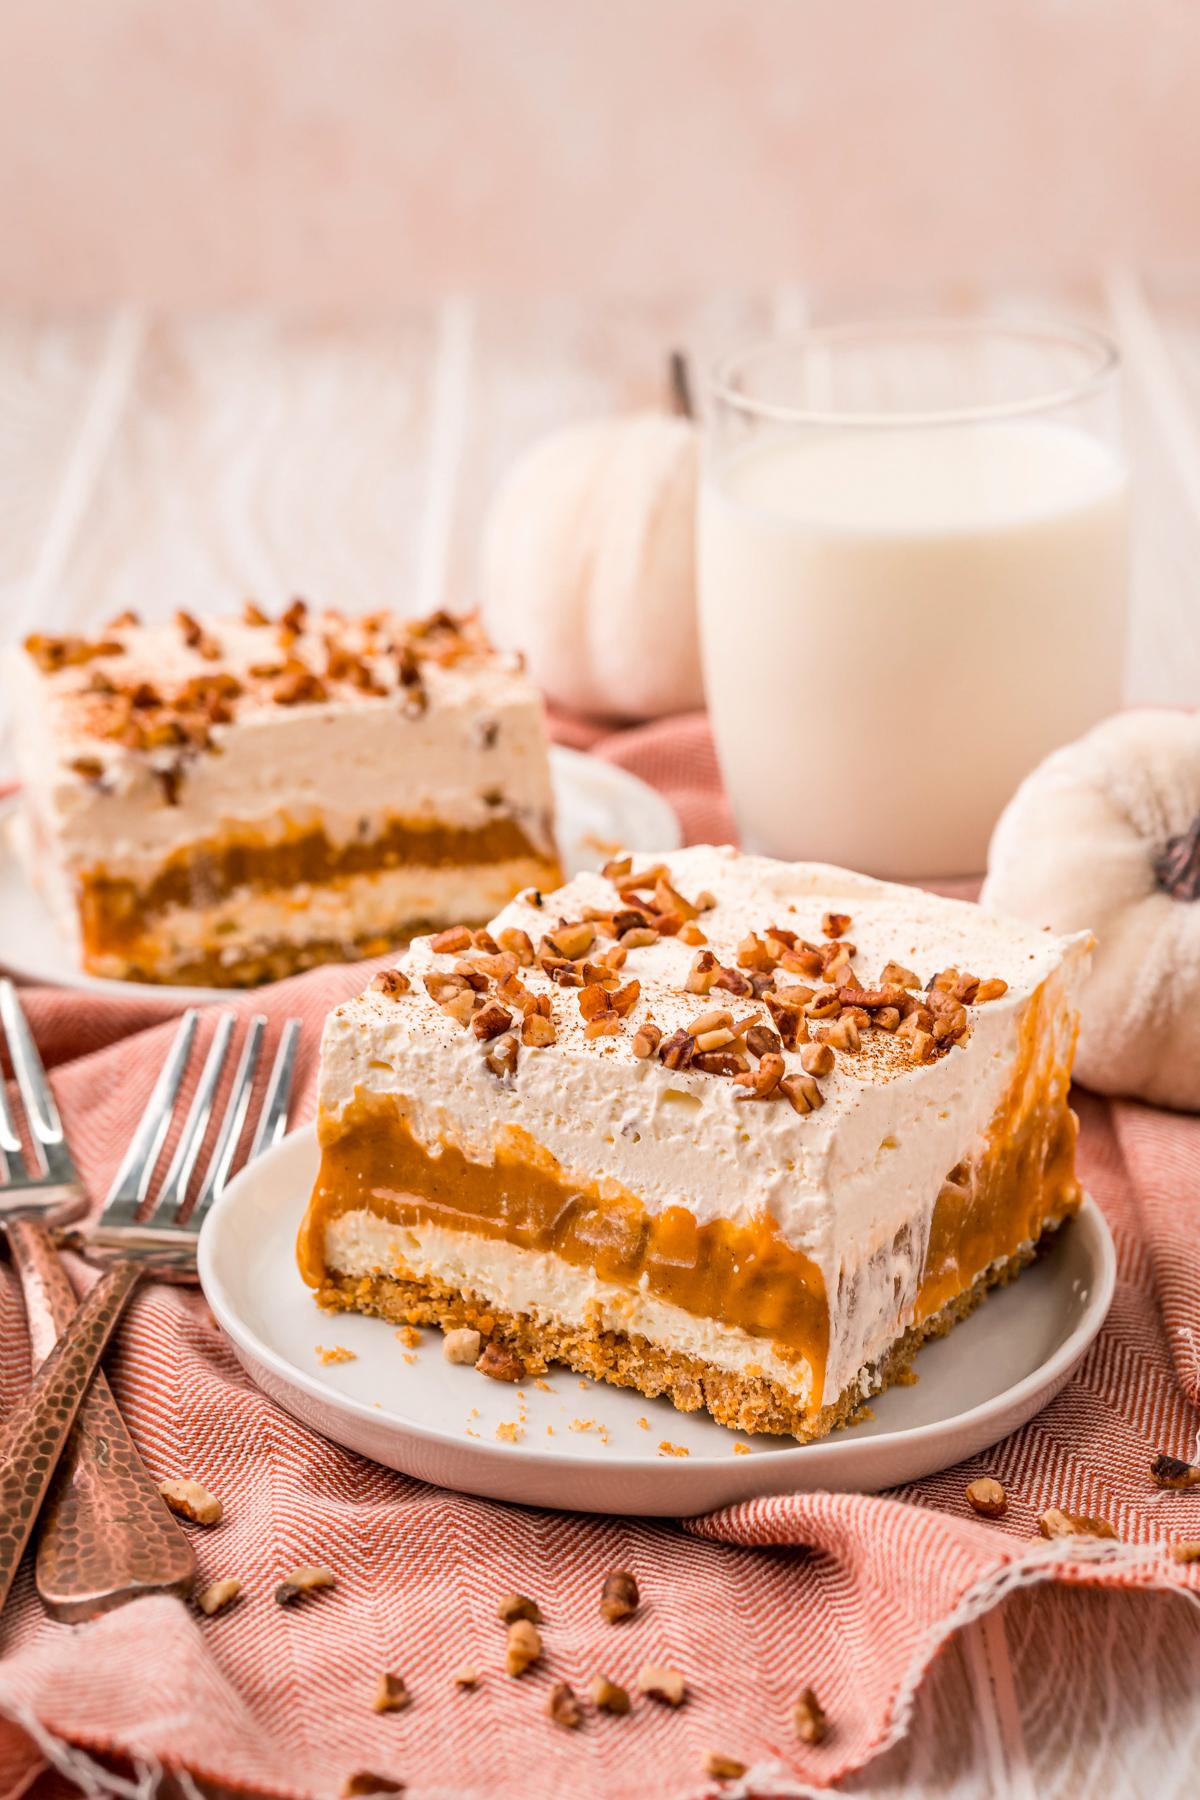 slice of pumpkin delight